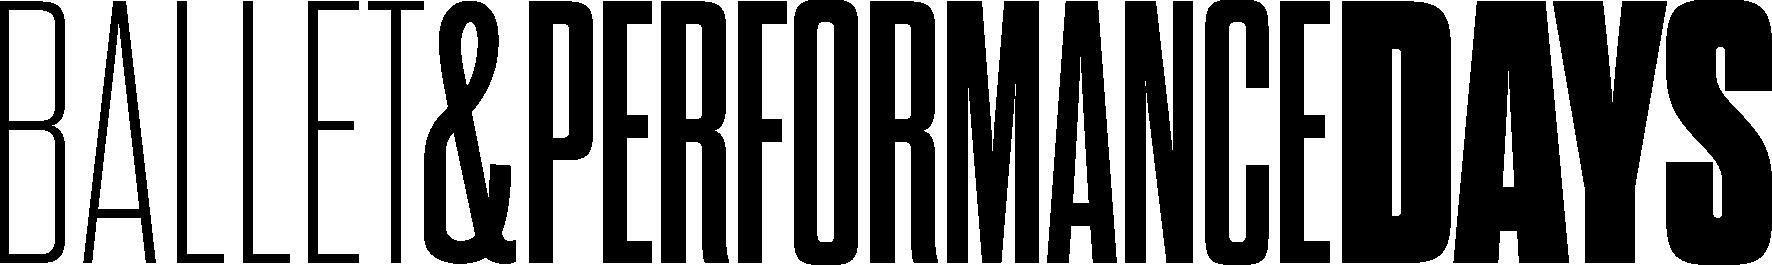 B&PD_logo_1z